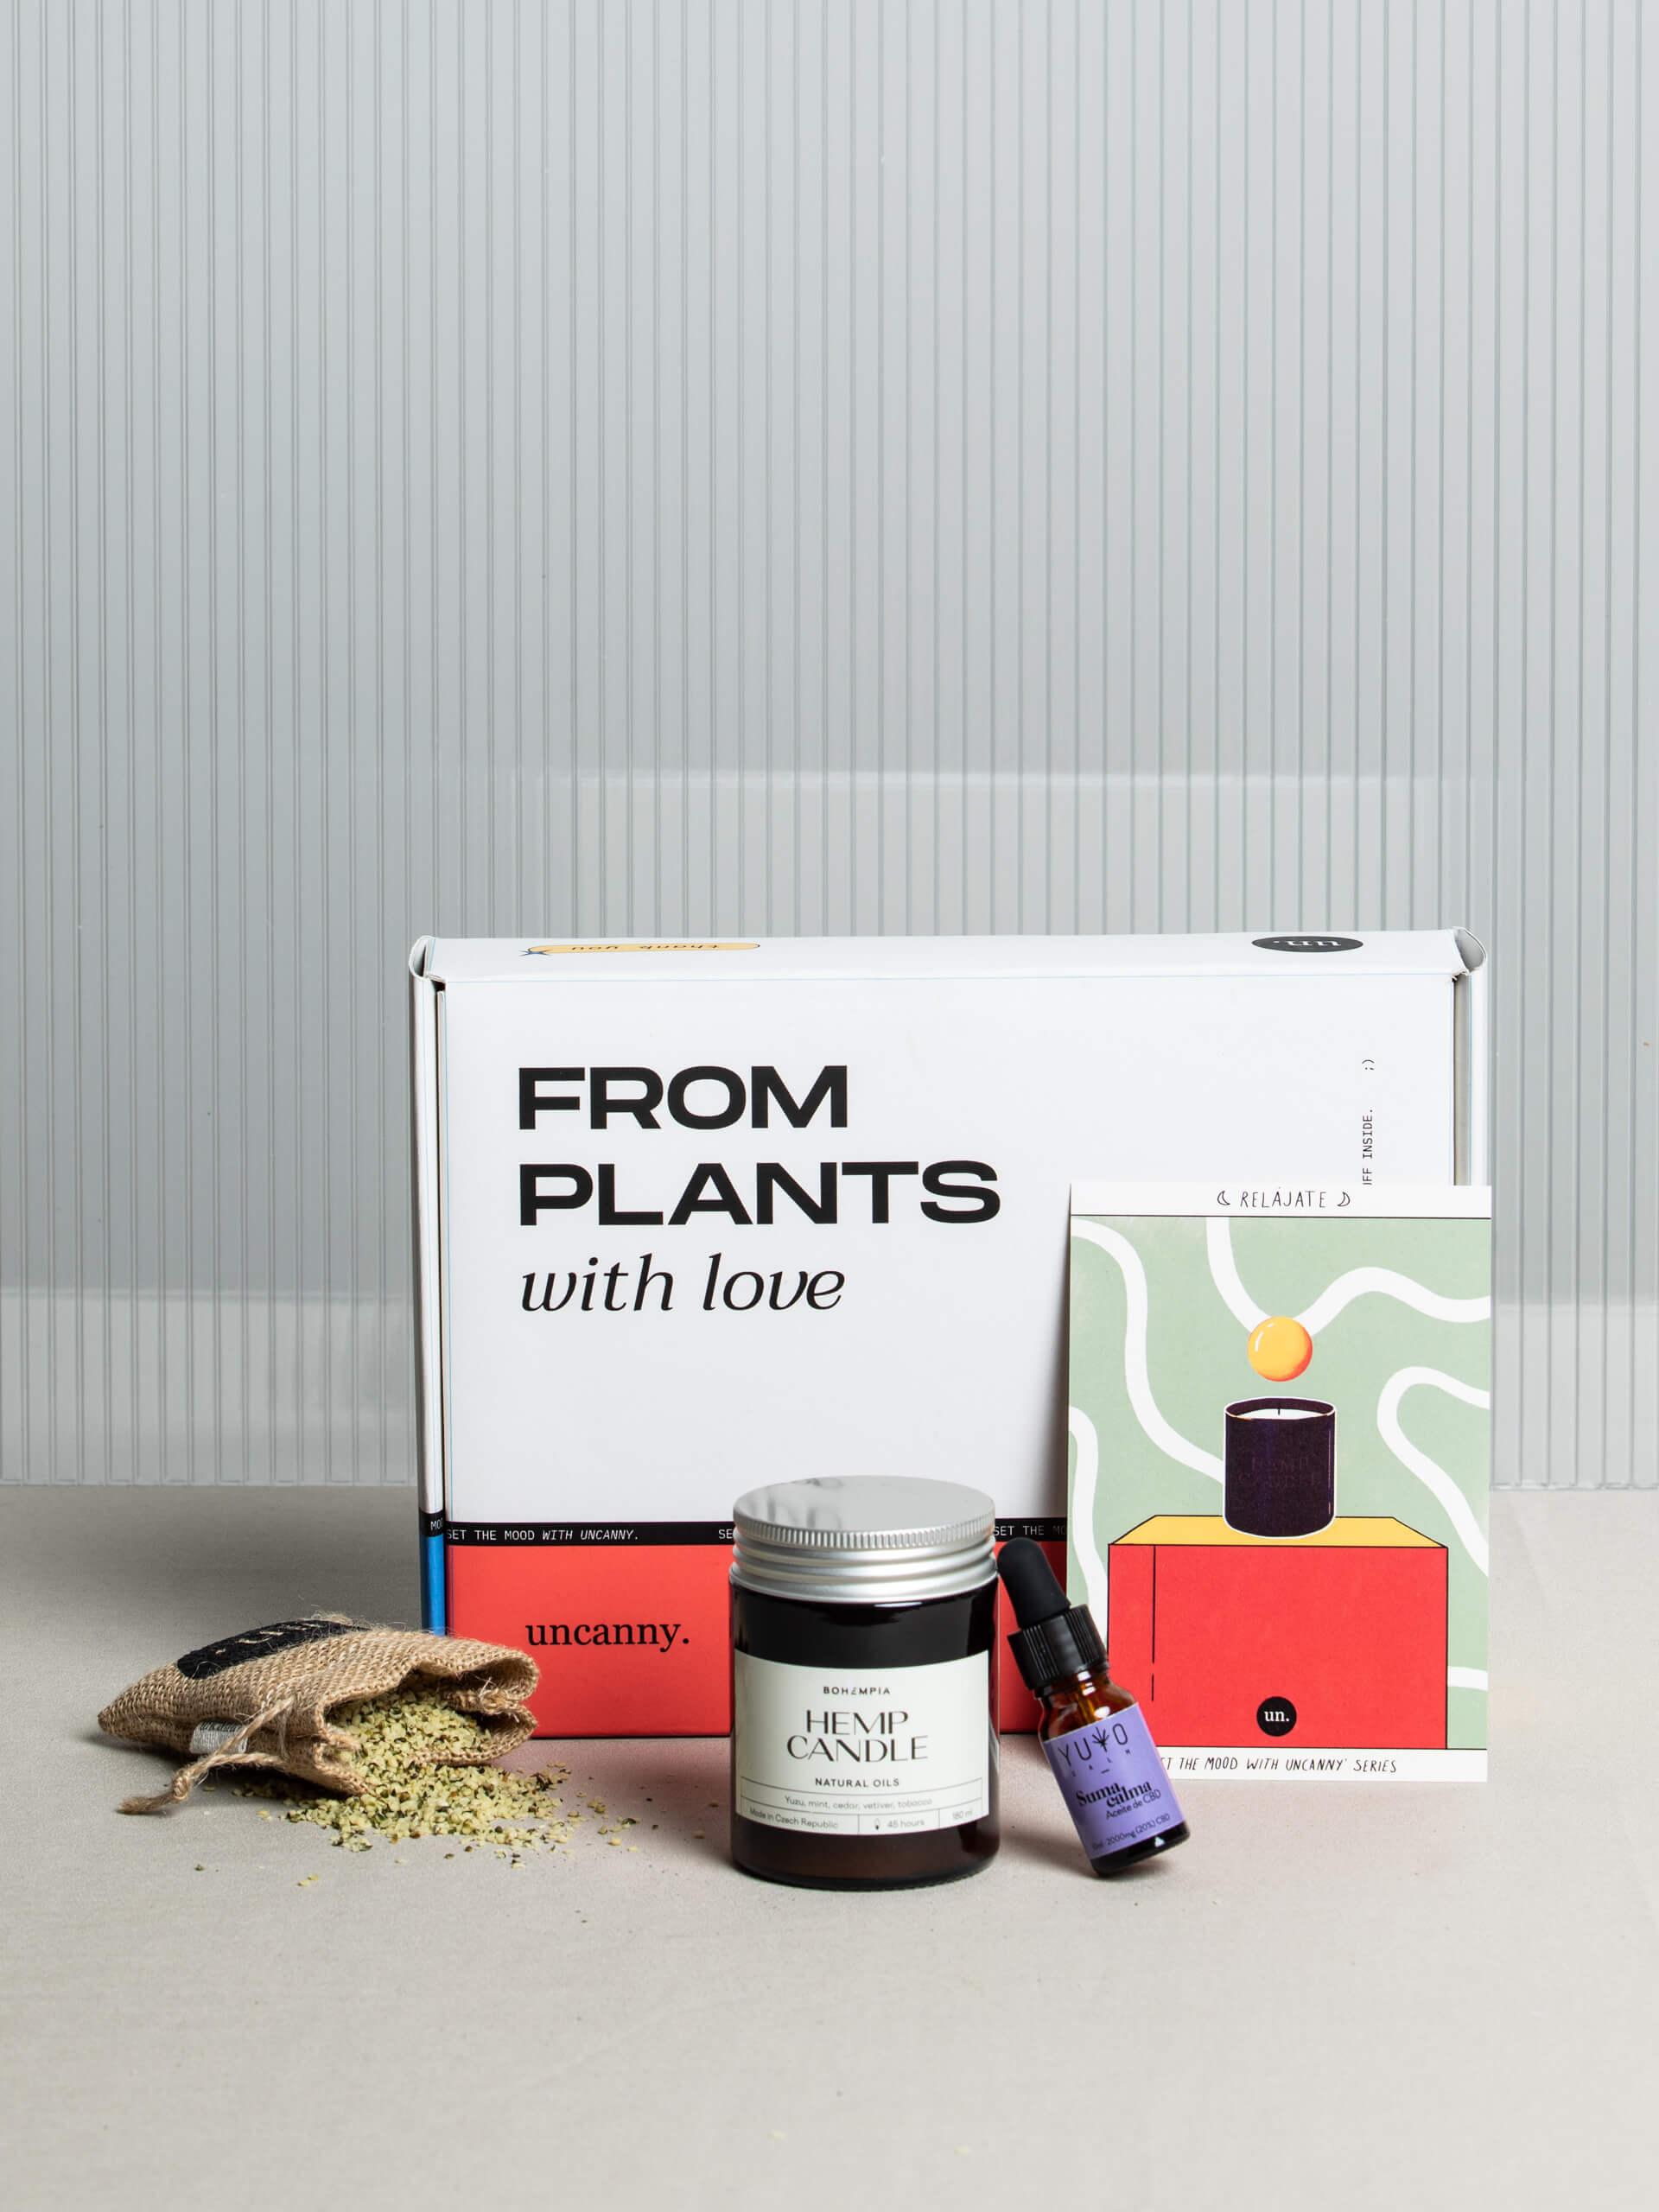 Una caja colorida y varios productos cosméticos